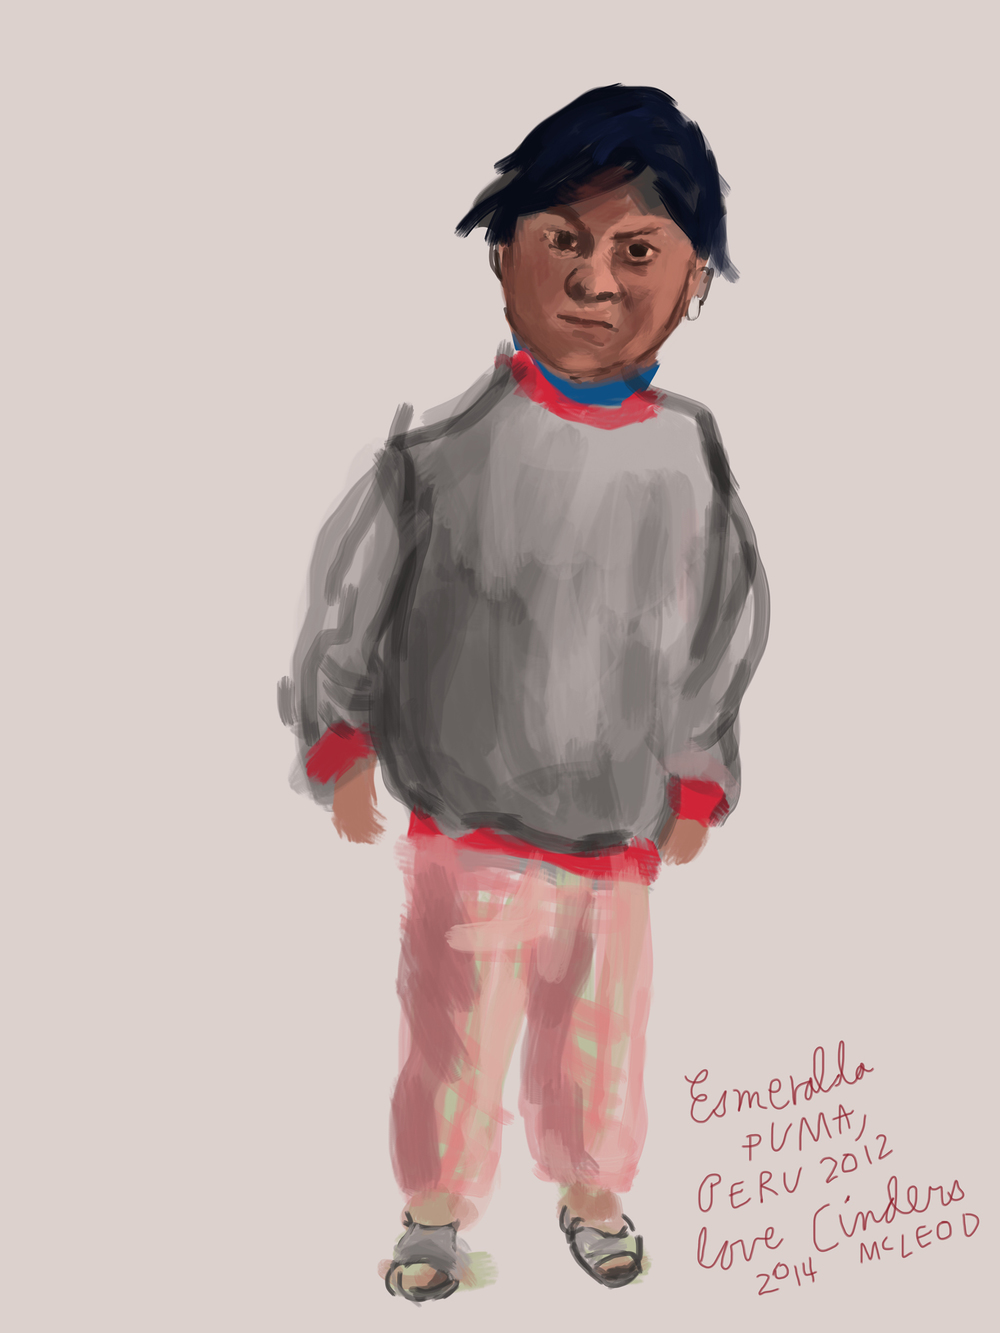 Esmeralda  Peru